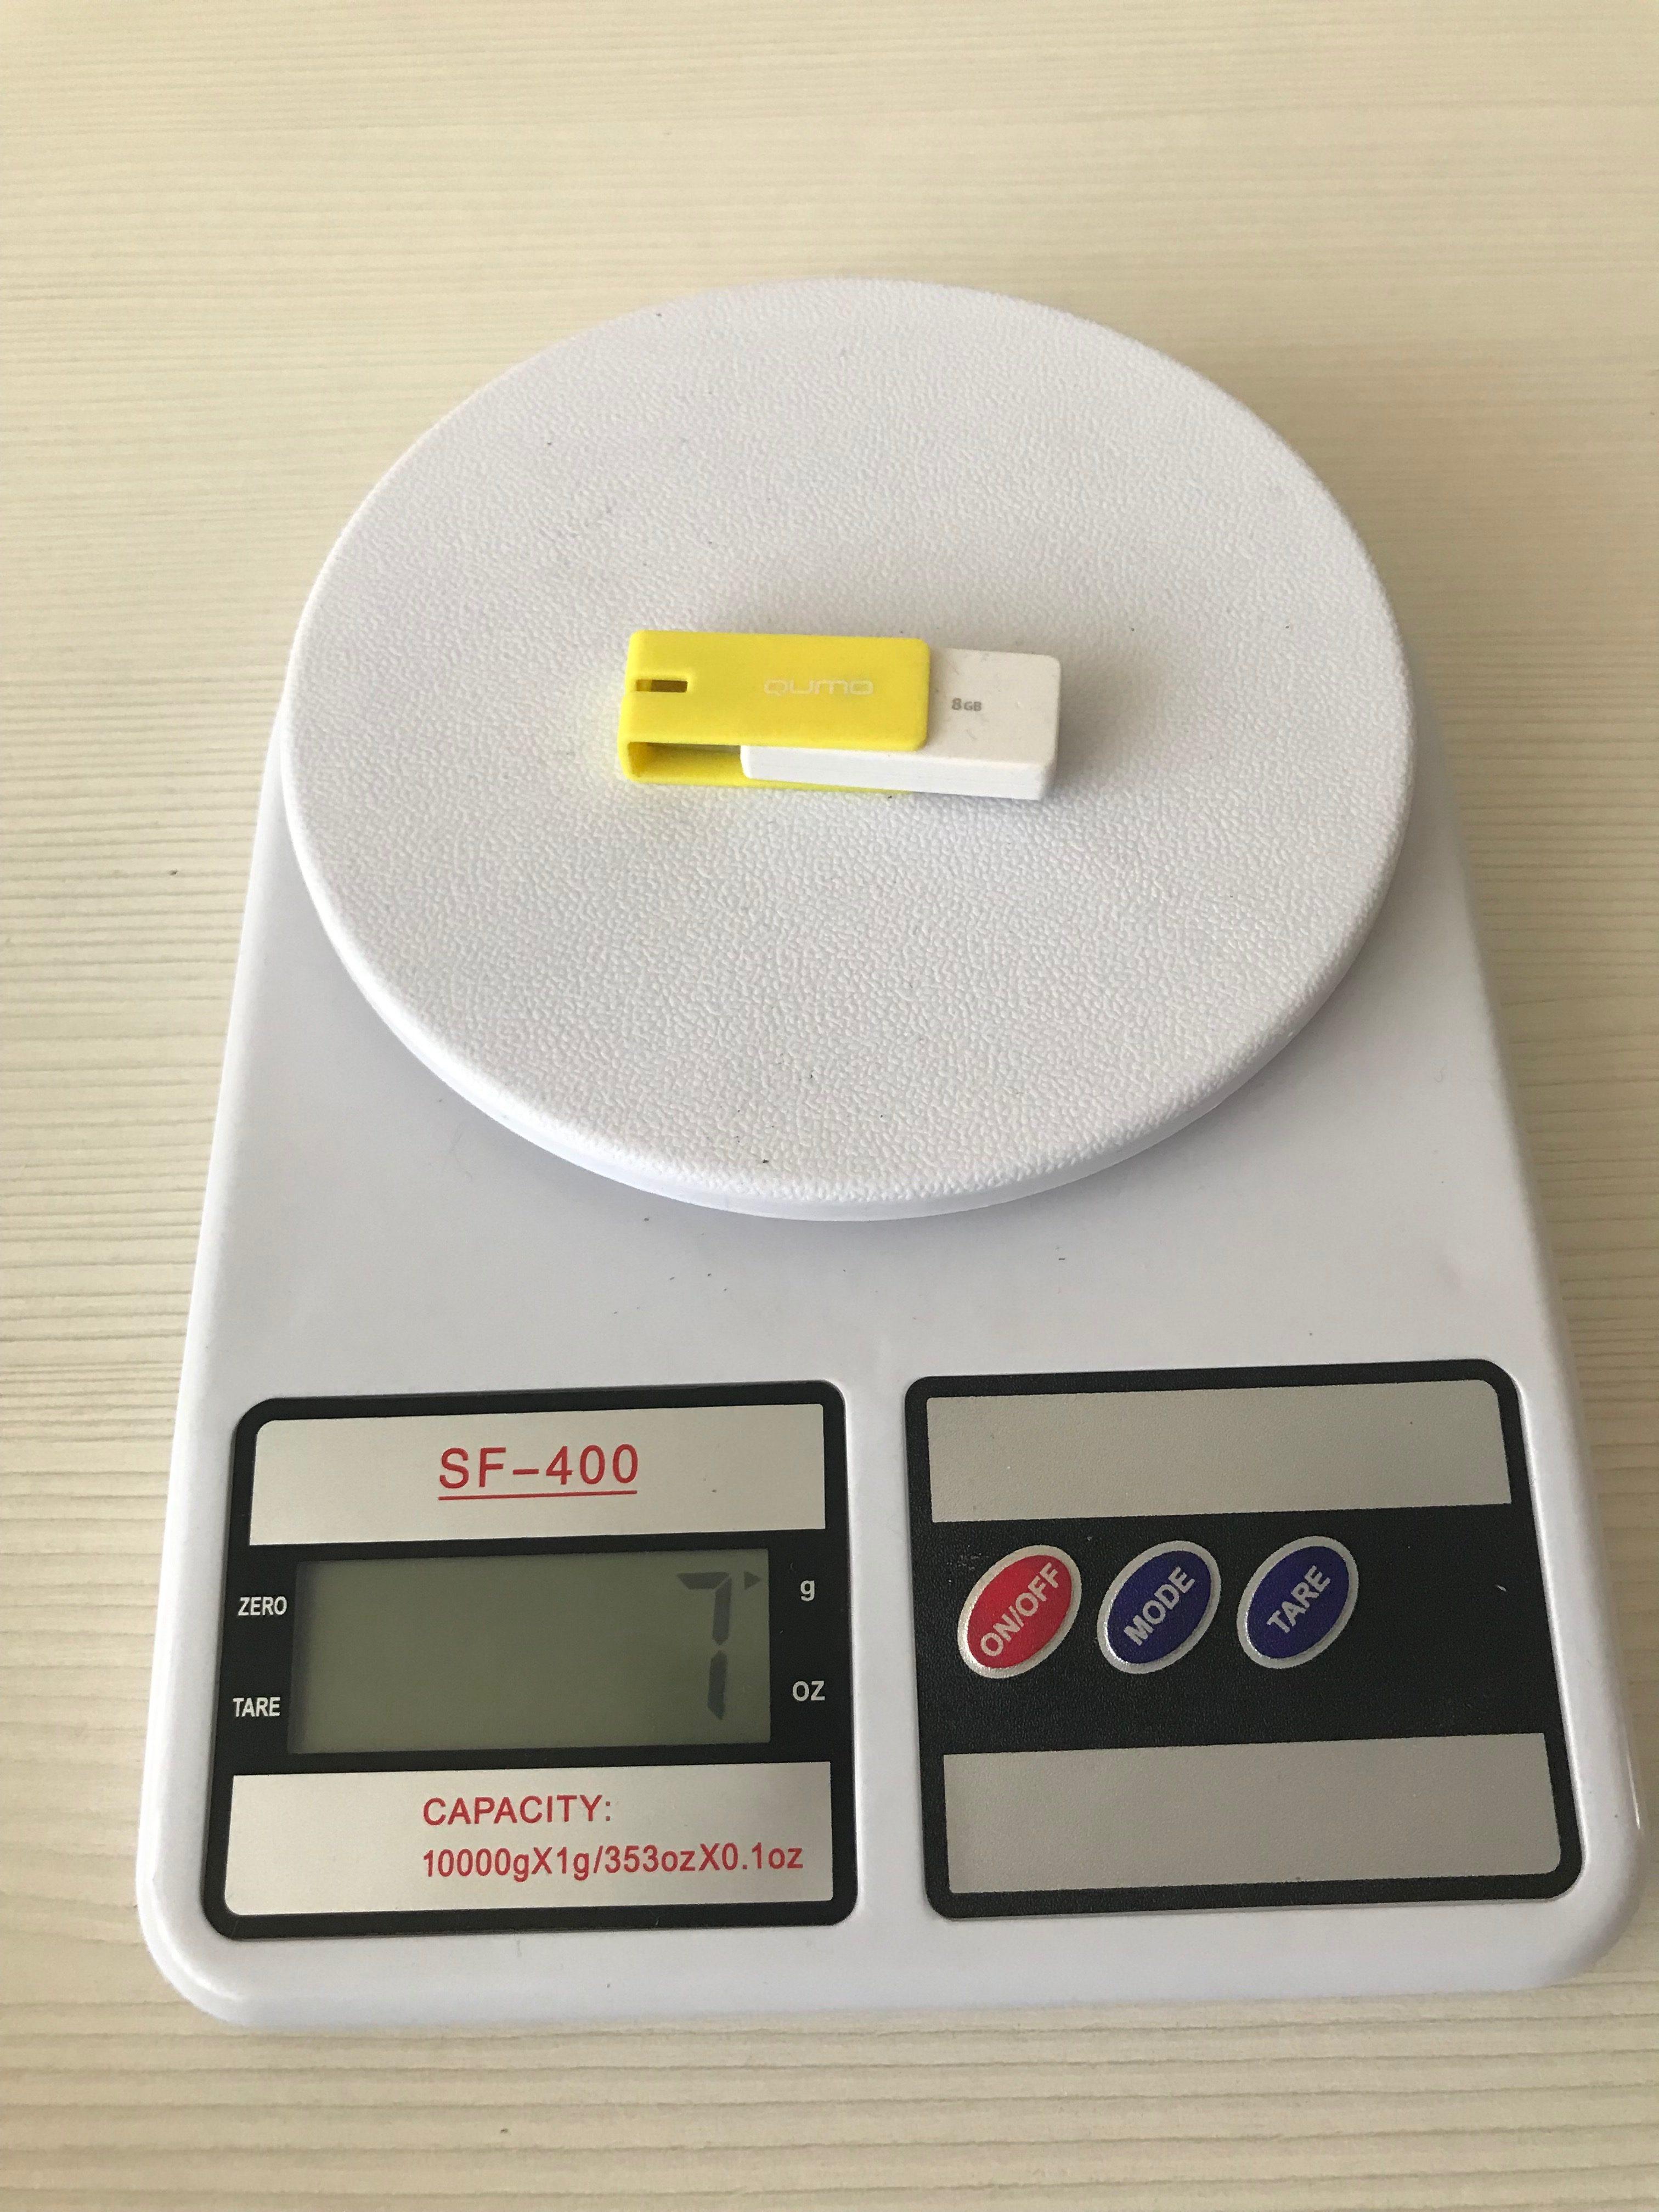 вес флешки